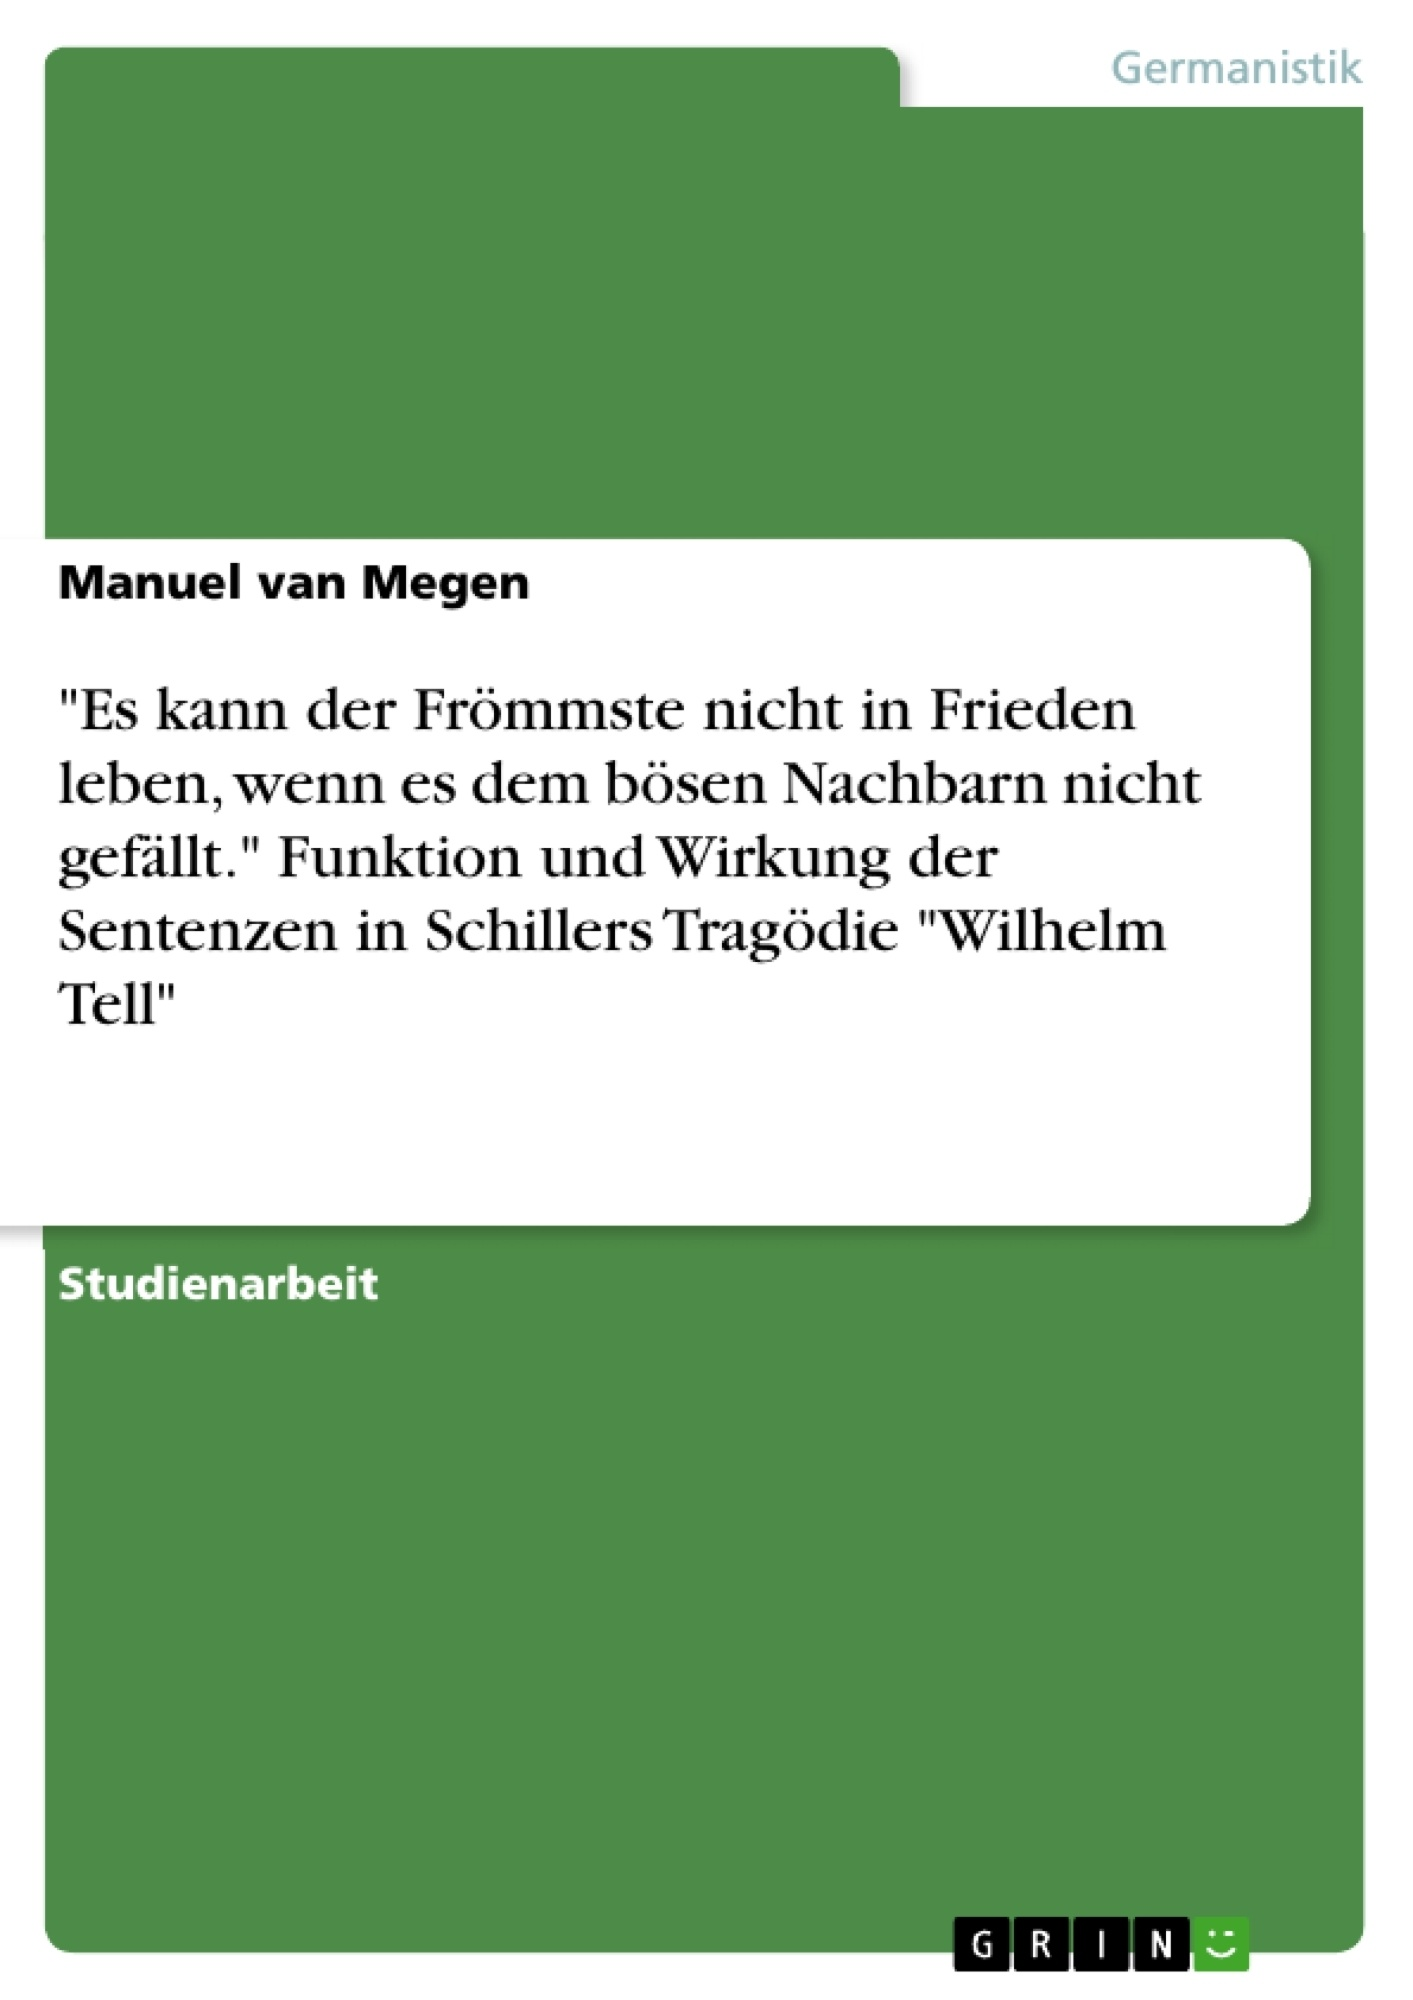 """Titel: """"Es kann der Frömmste nicht in Frieden leben, wenn es dem bösen Nachbarn nicht gefällt."""" Funktion und Wirkung der Sentenzen in Schillers Tragödie """"Wilhelm Tell"""""""